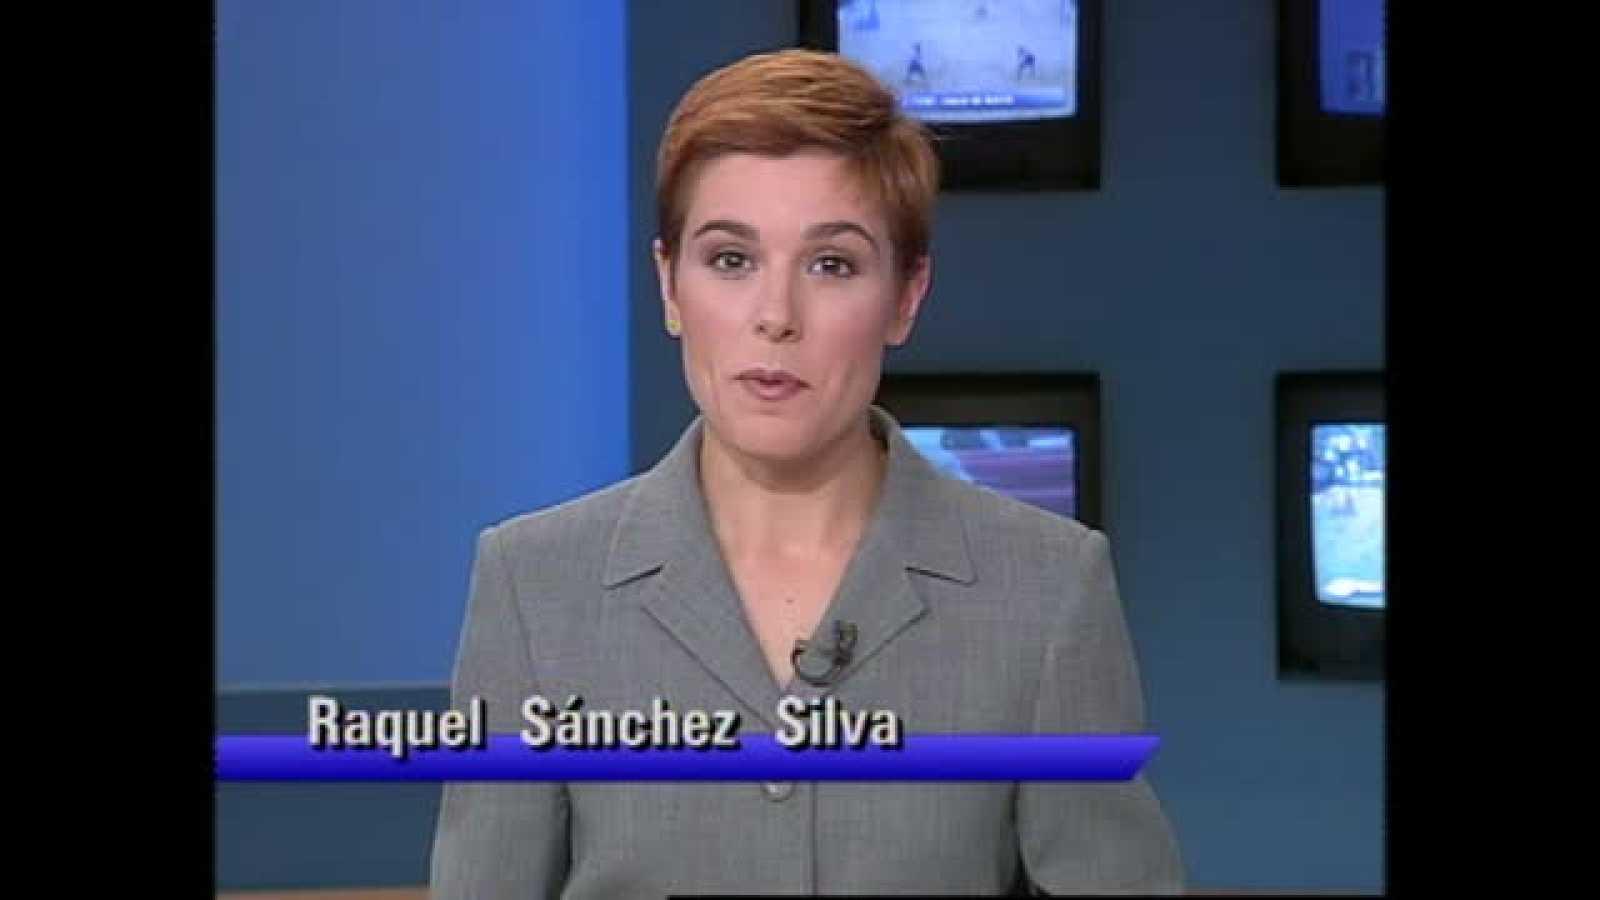 Raquel Sánchez Silva y sus inicios en televisión: así comenzó su carrera en TVE como presentadora de deportes